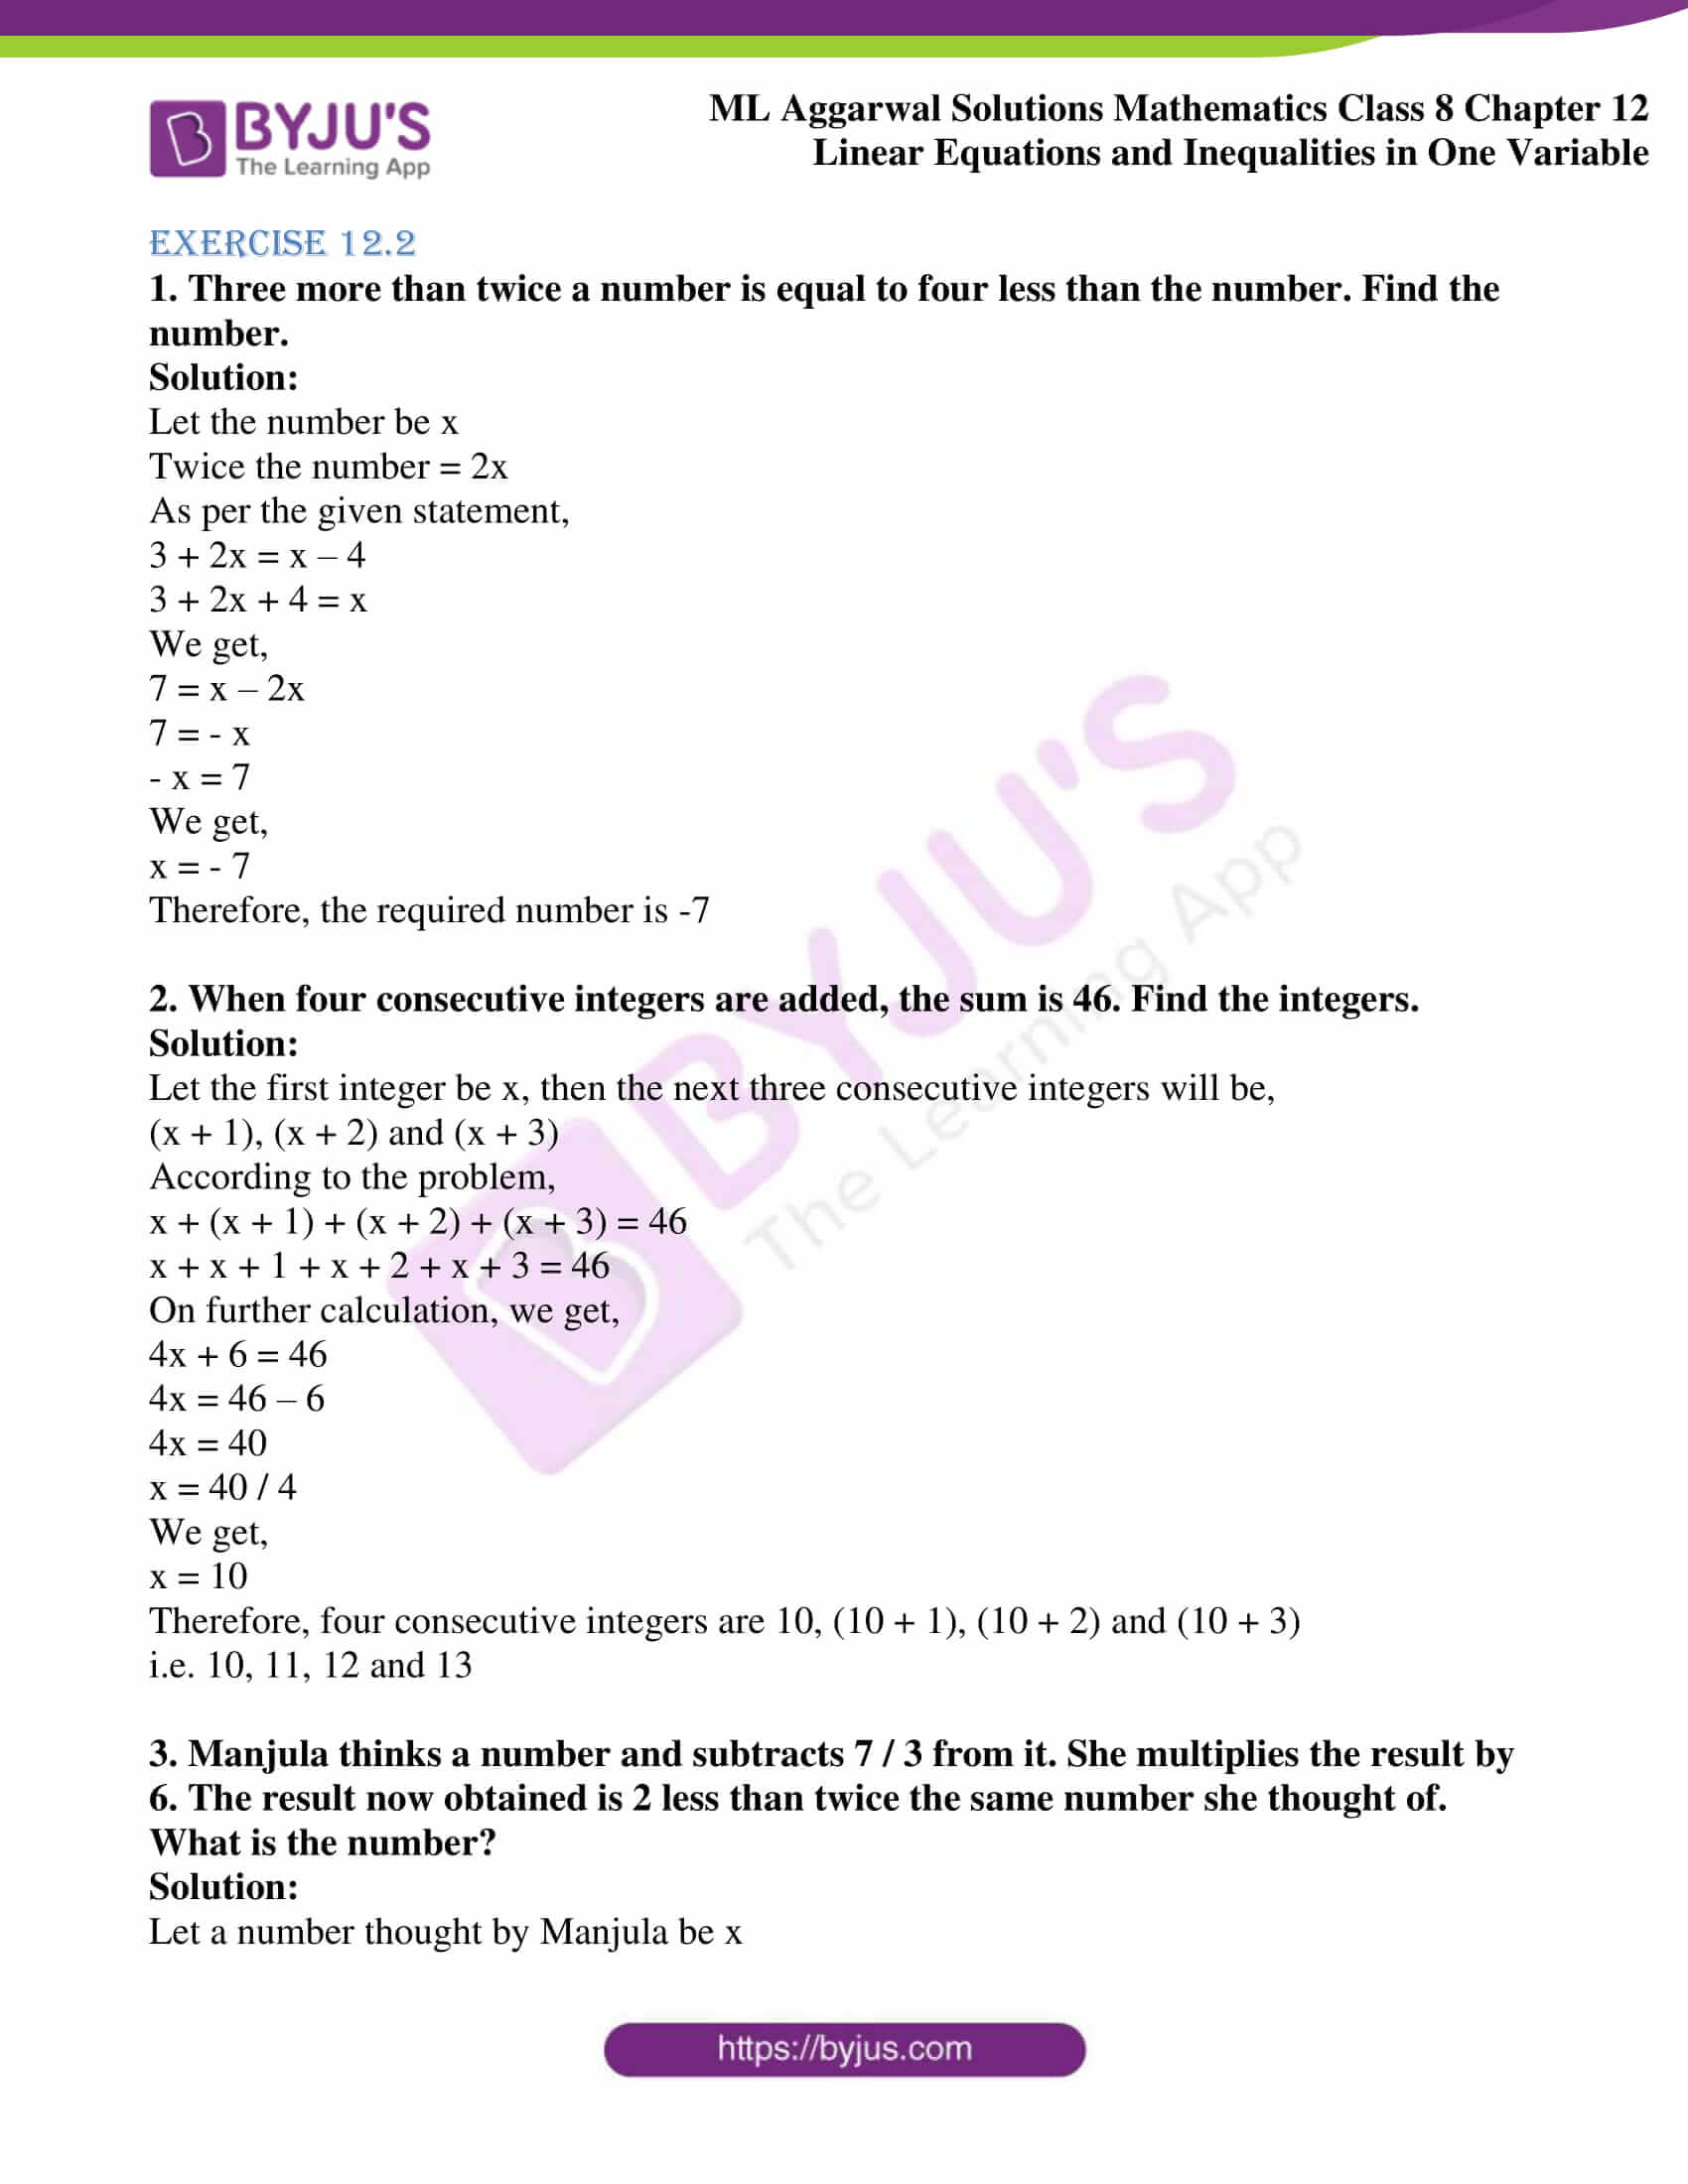 ml aggarwal sol mathematics class 8 ch 12 10